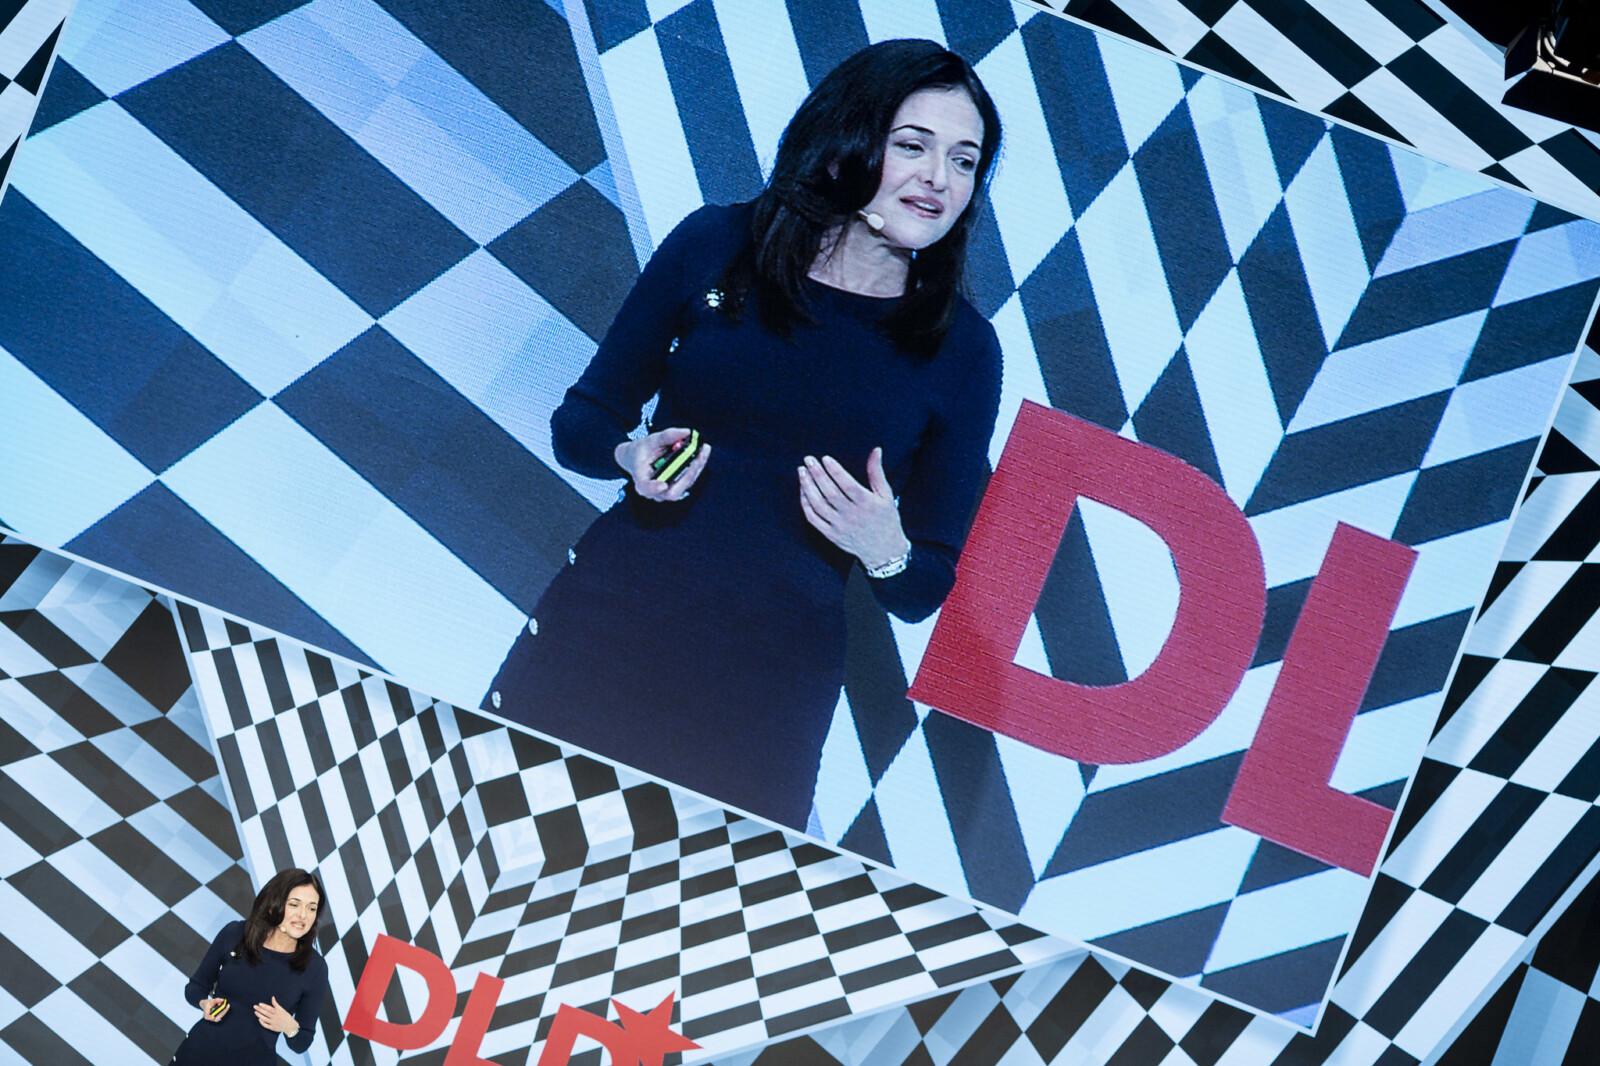 Sheryl Sandberg, Facebook, DLD conference 2019